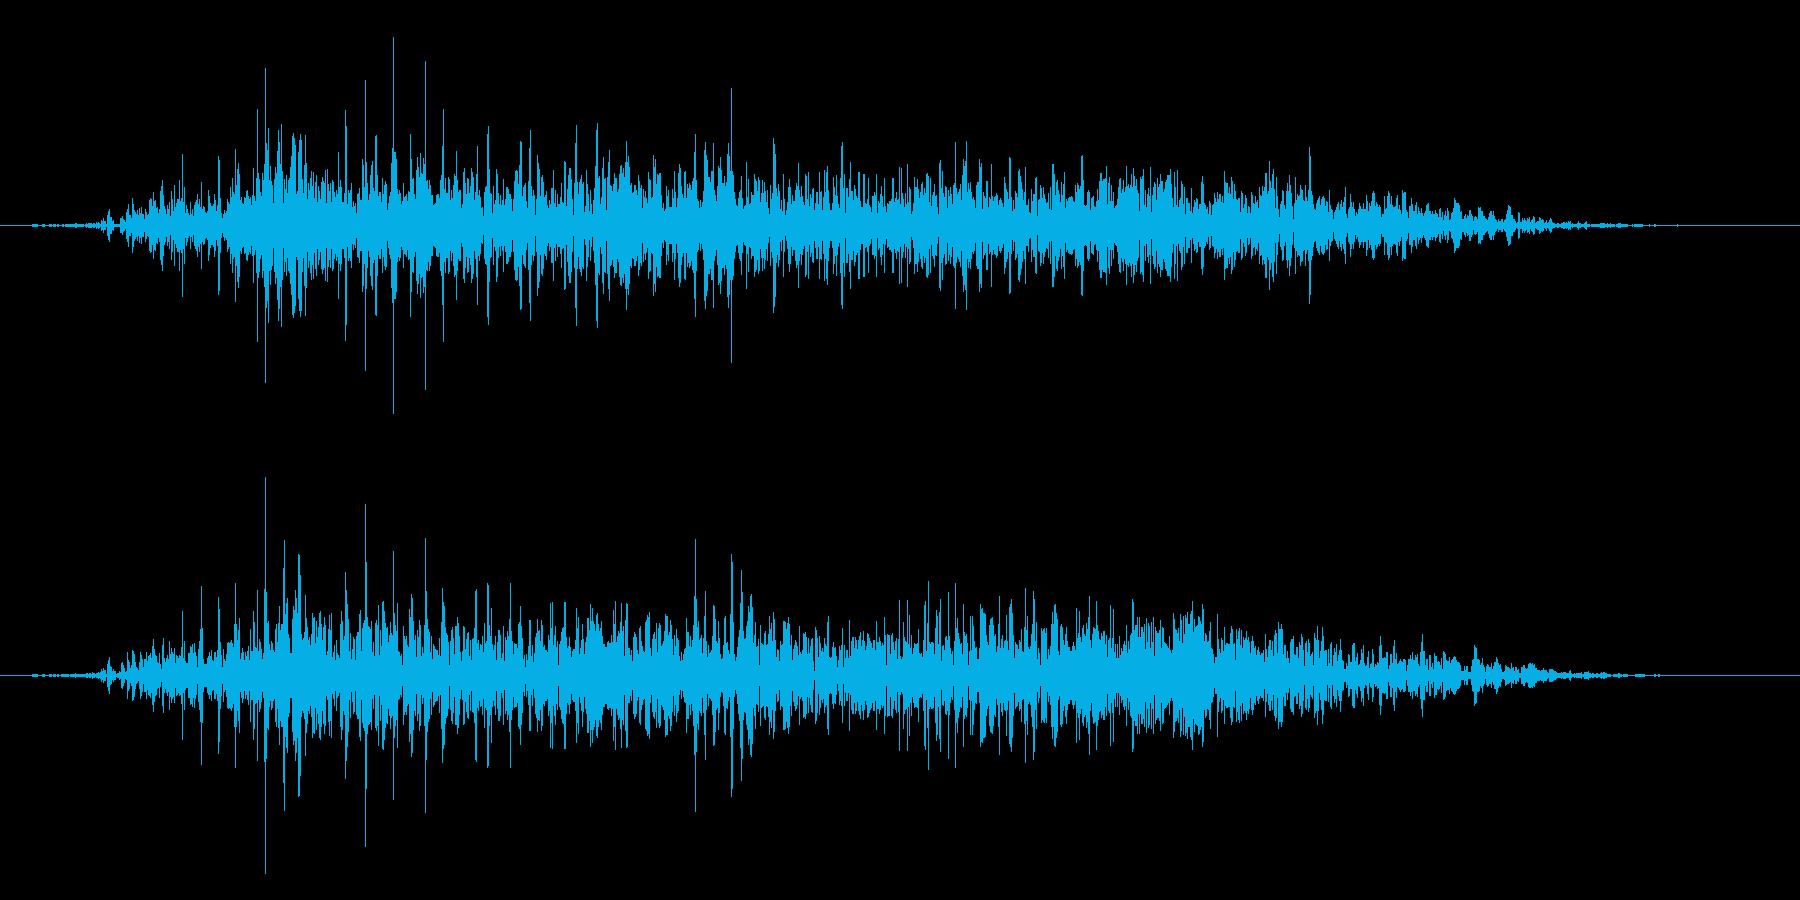 ゾンビやモンスターの叫び声/唸り声!22の再生済みの波形